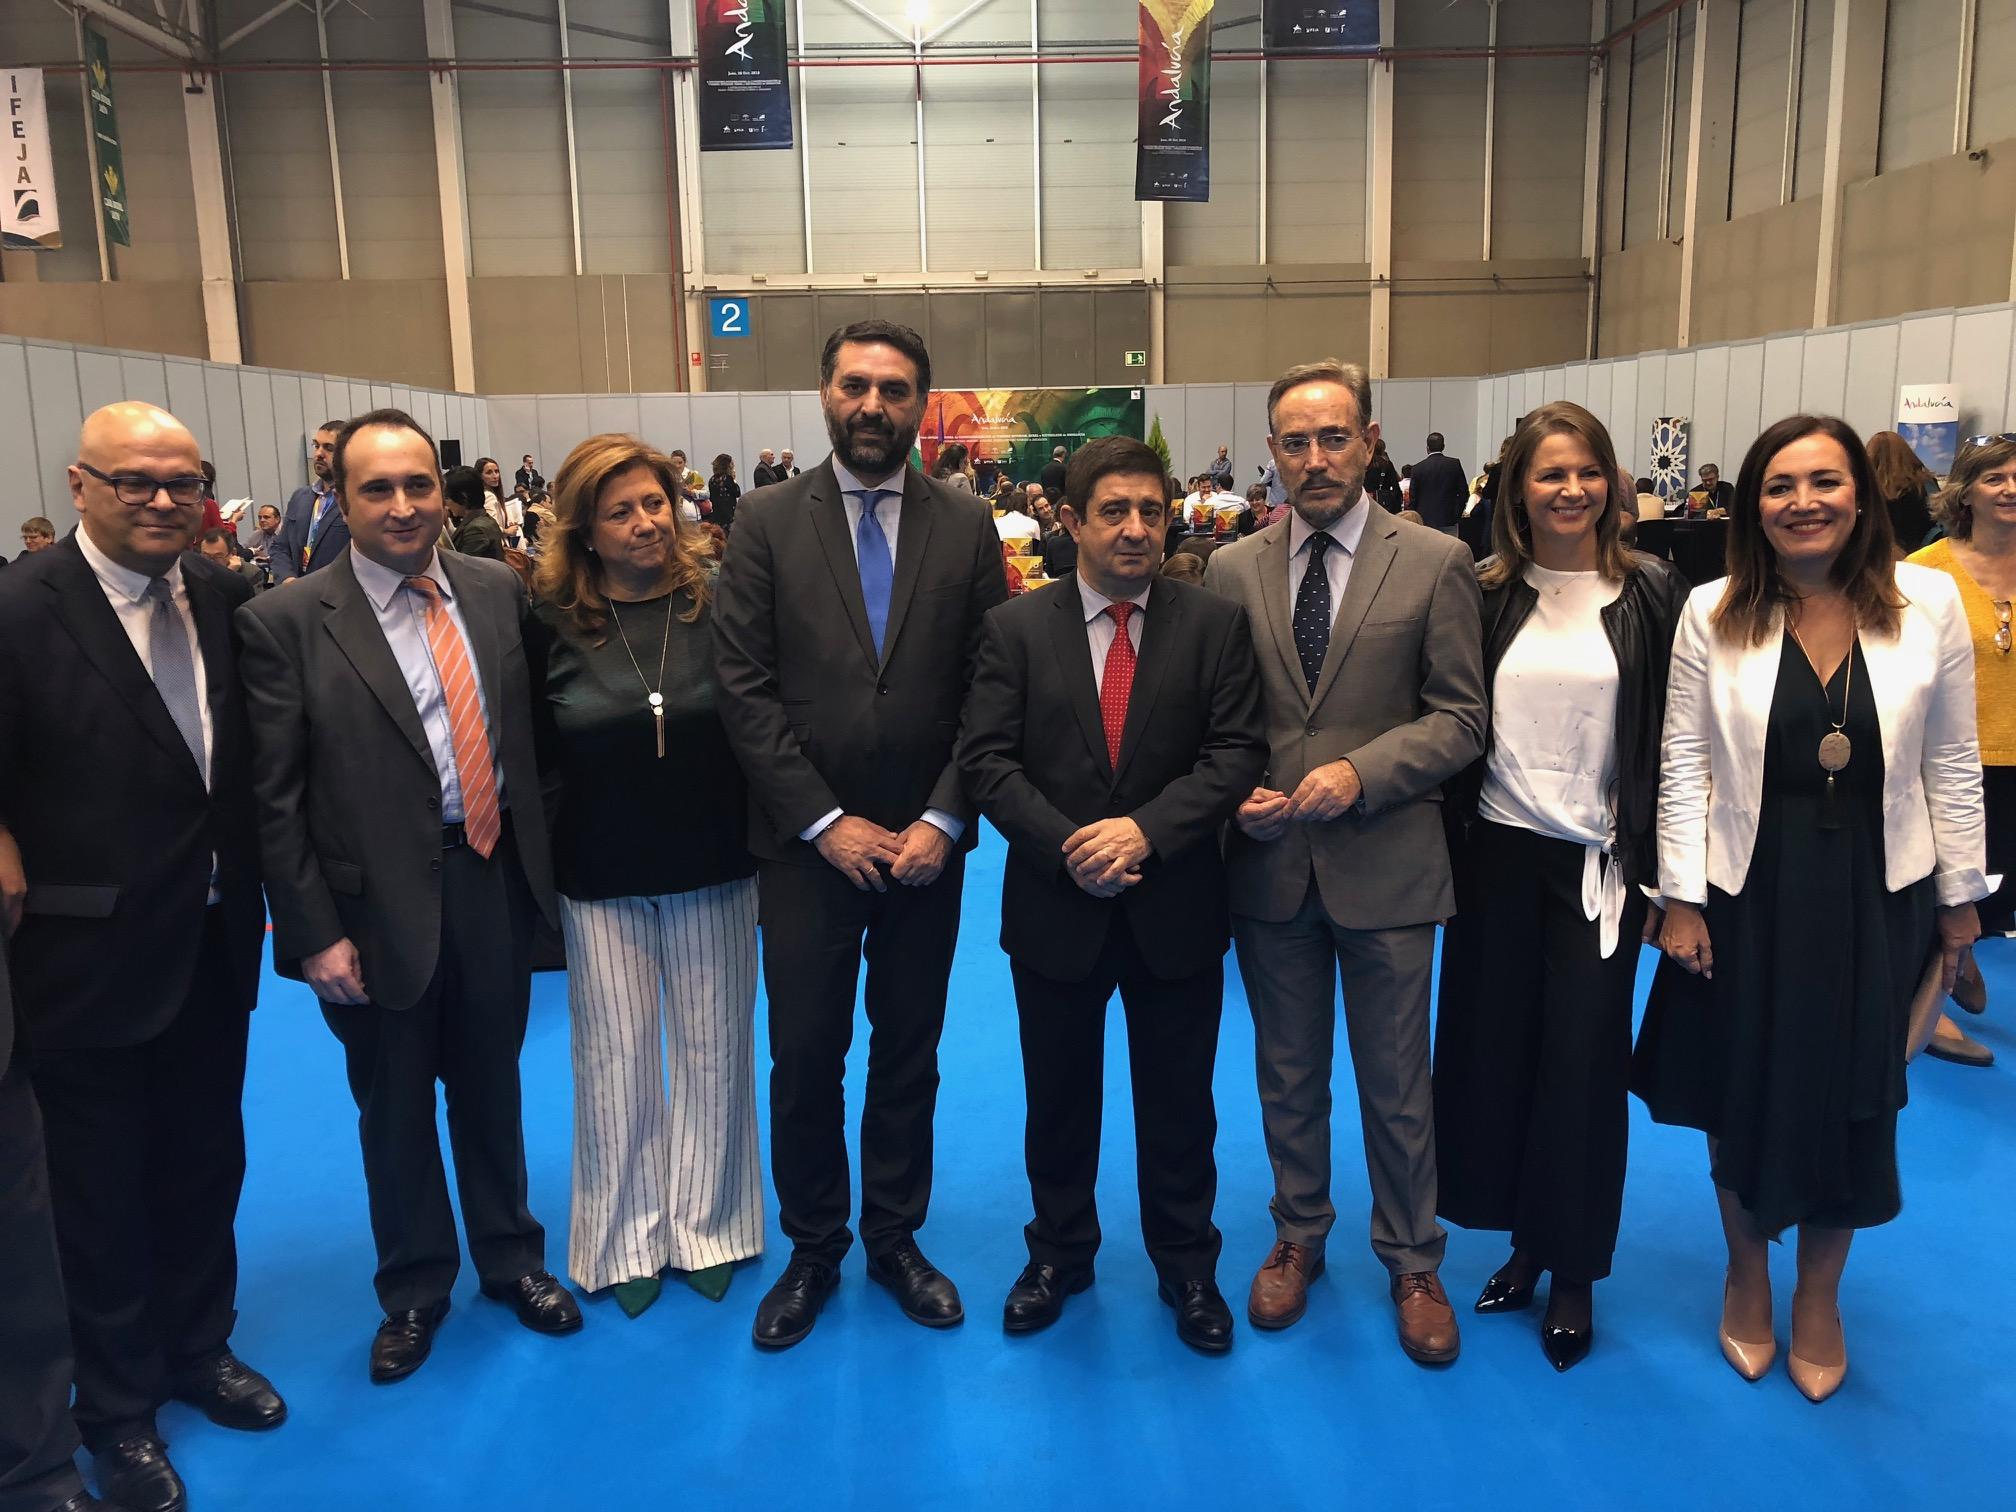 El Encuentro de Comercialización de Turismo de Interior reúne a 165 operadores nacionales y extranjeros en 'Tierra Adentro'